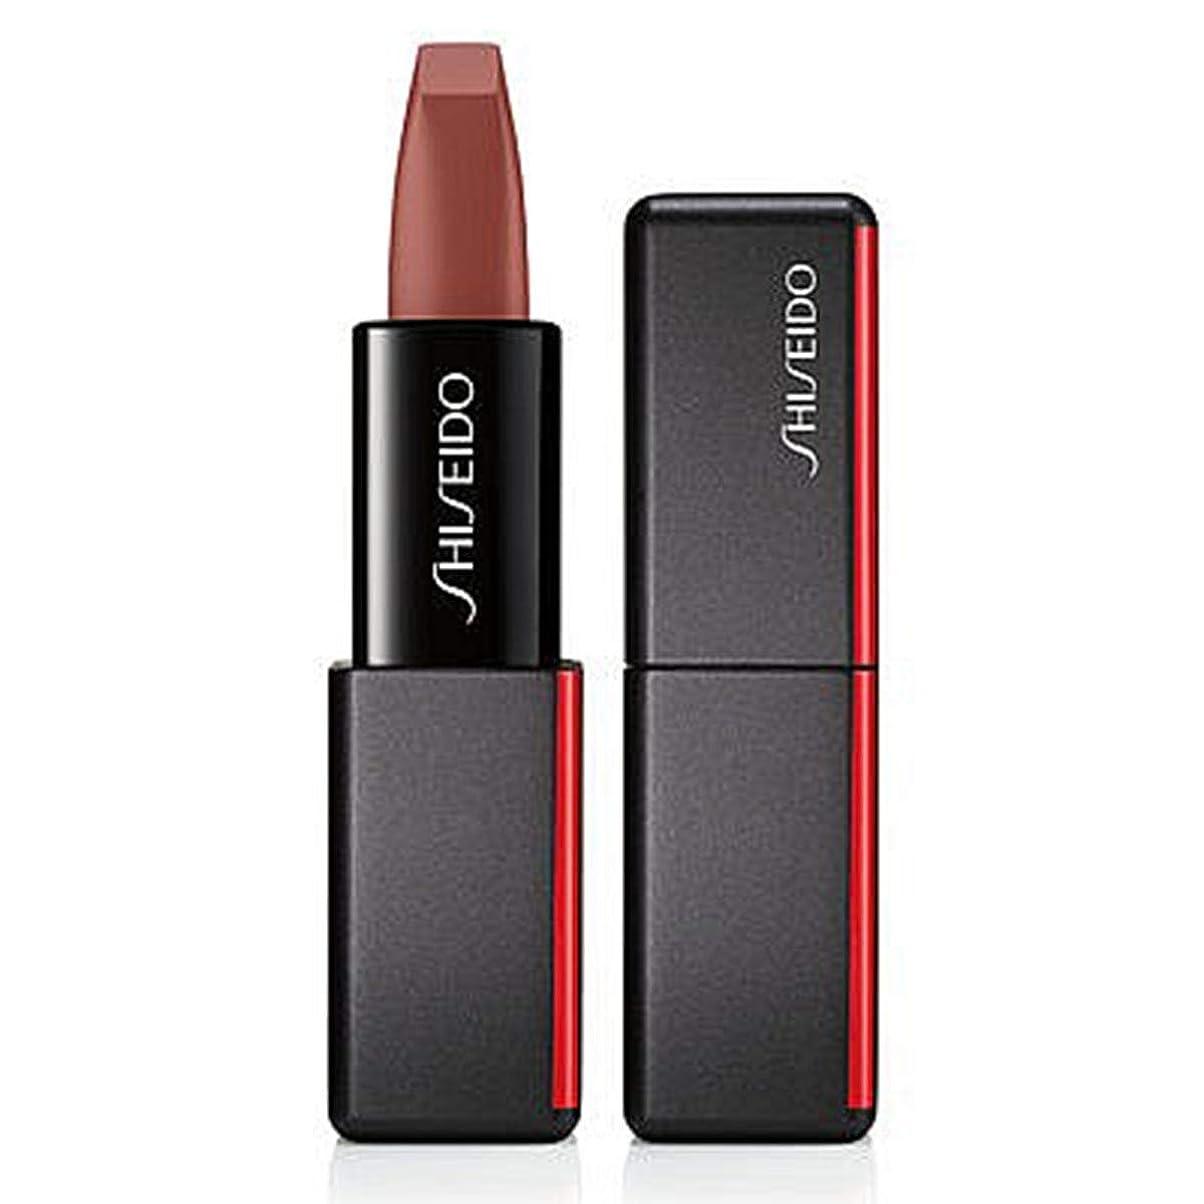 正確関係ないそばに資生堂 ModernMatte Powder Lipstick - # 507 Murmur (Rosewood) 4g/0.14oz並行輸入品